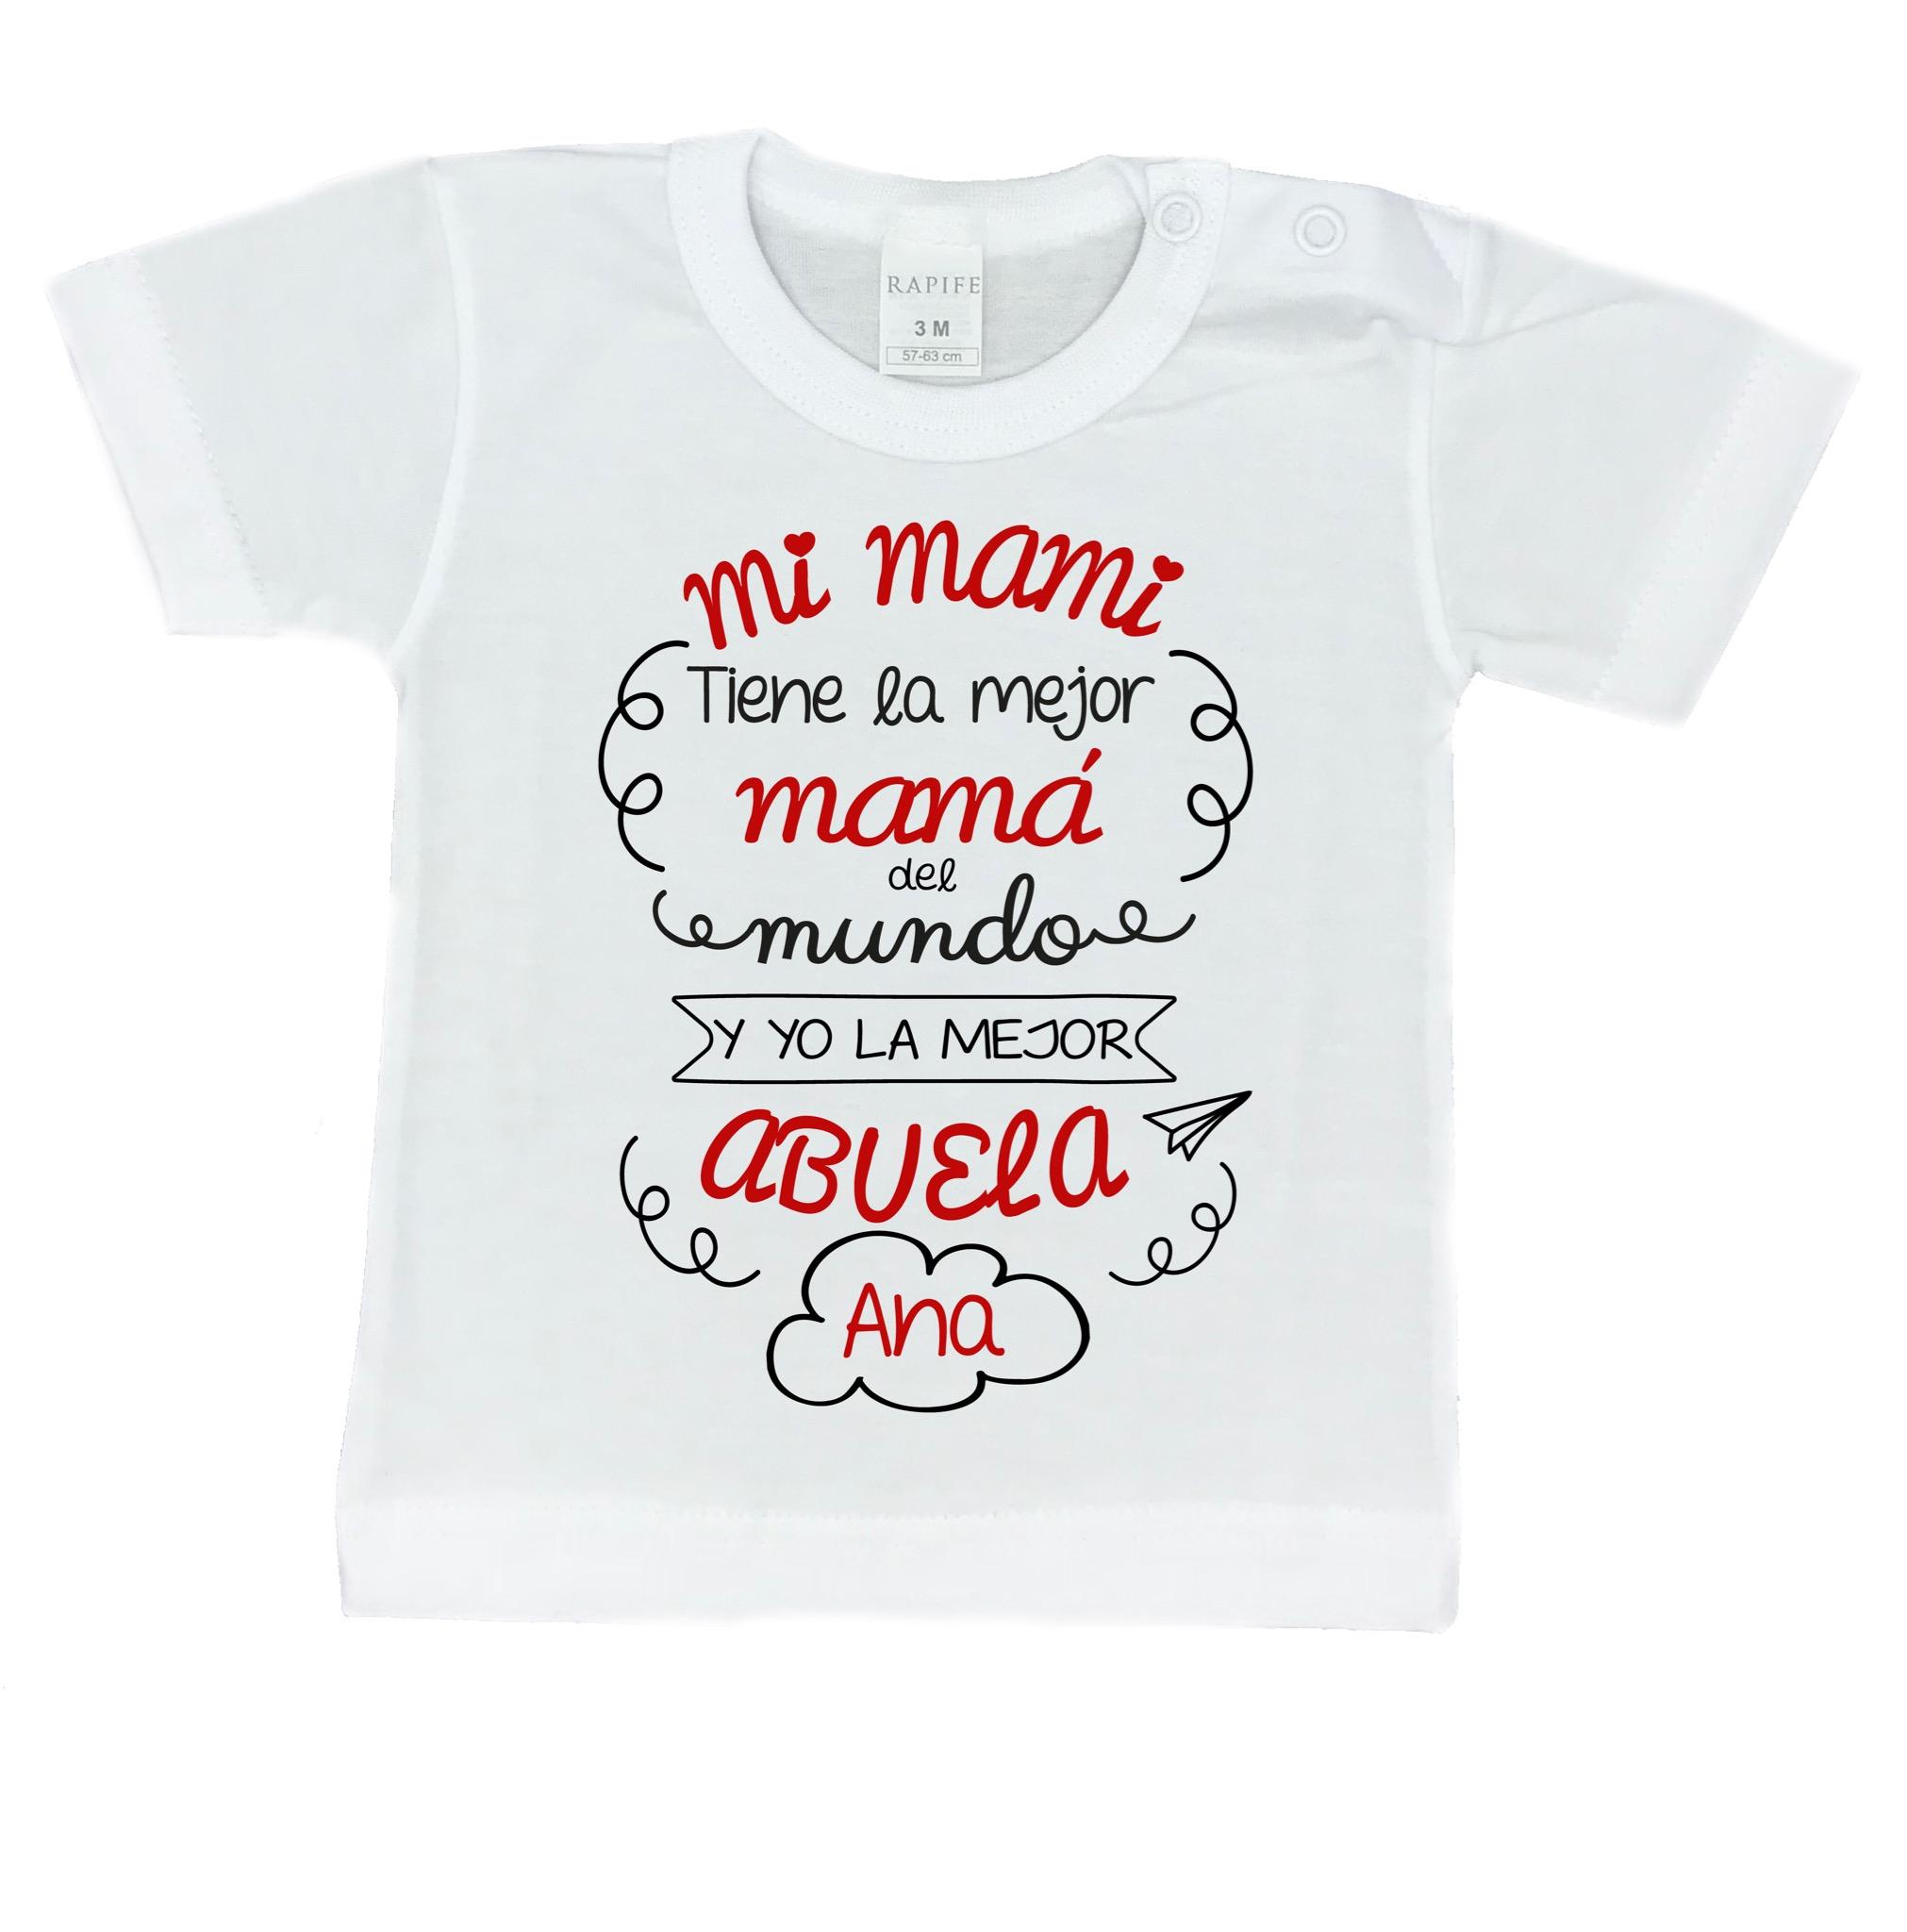 e9ba1c5cb Camiseta Personalizada TENGO LA MEJOR MAMÁ Y ABUELA